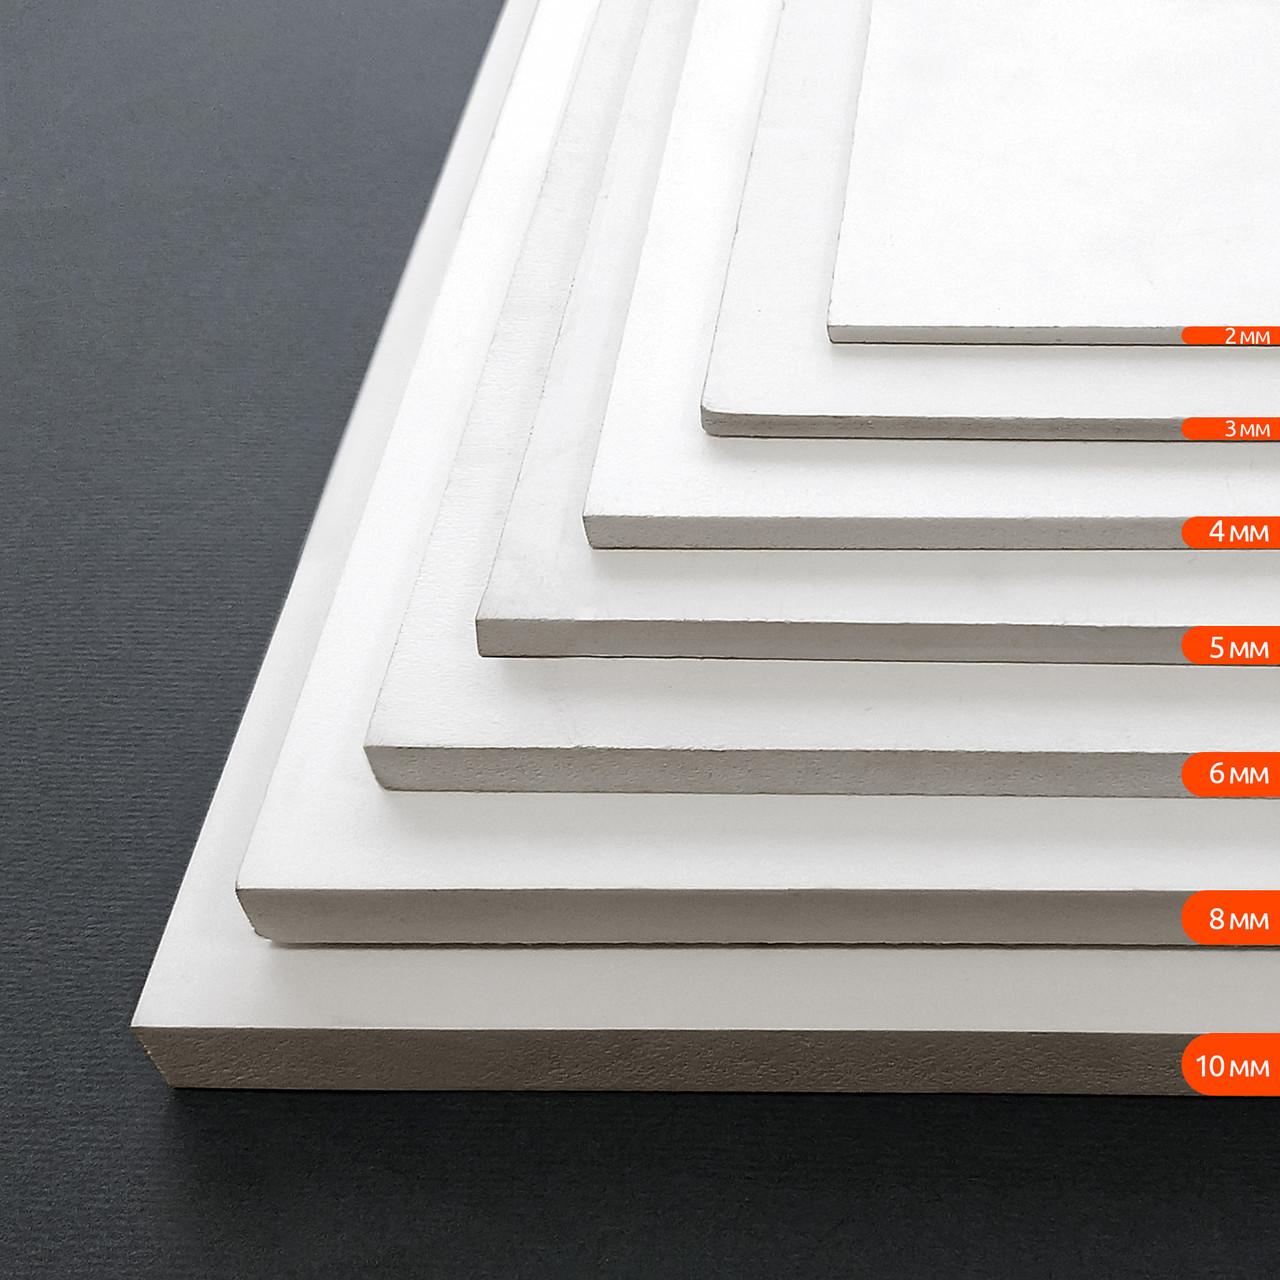 ПВХ вспененный, белый, лист 1.22 х 3.05 м, 3 мм